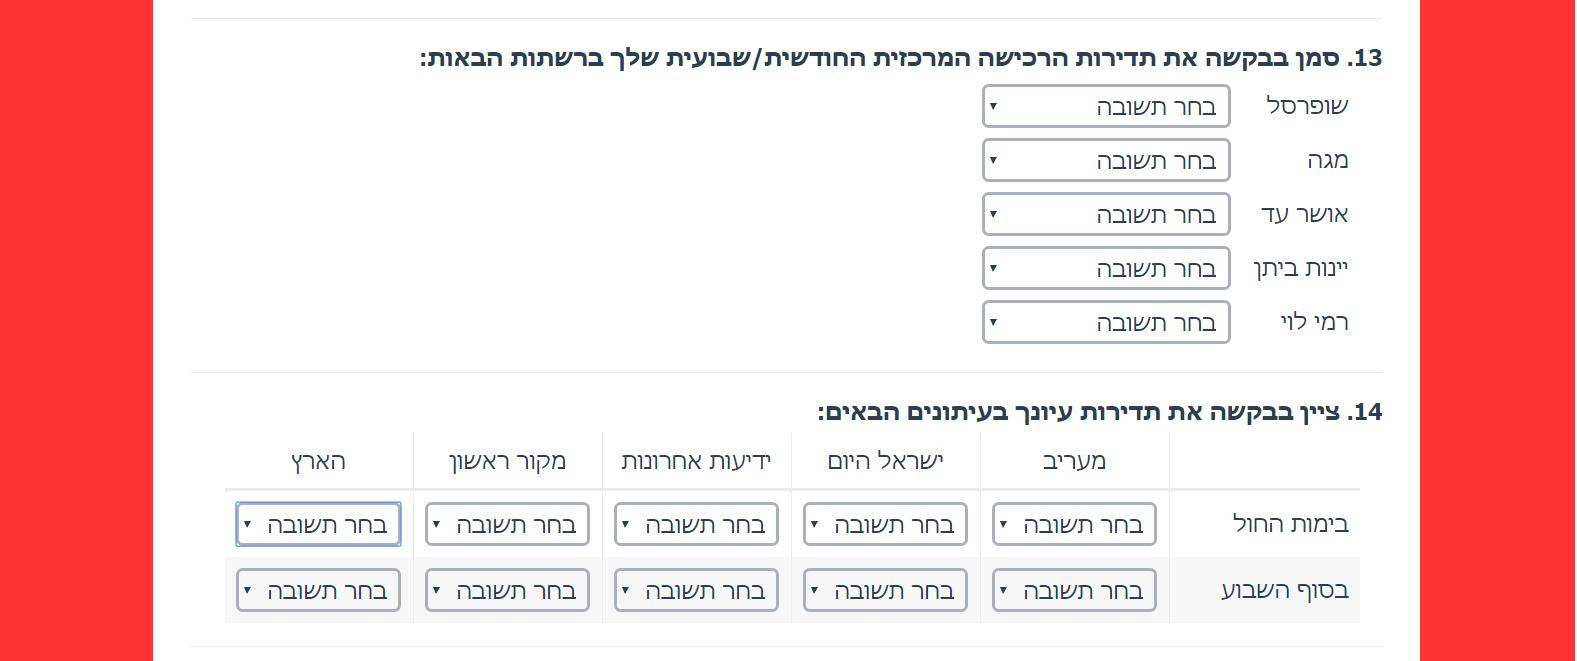 רשימת/טבלת תפריט נגלל (Dropdown Menu list/Grid). סוגי שאלות בבניית ויצירת שאלון סקר.